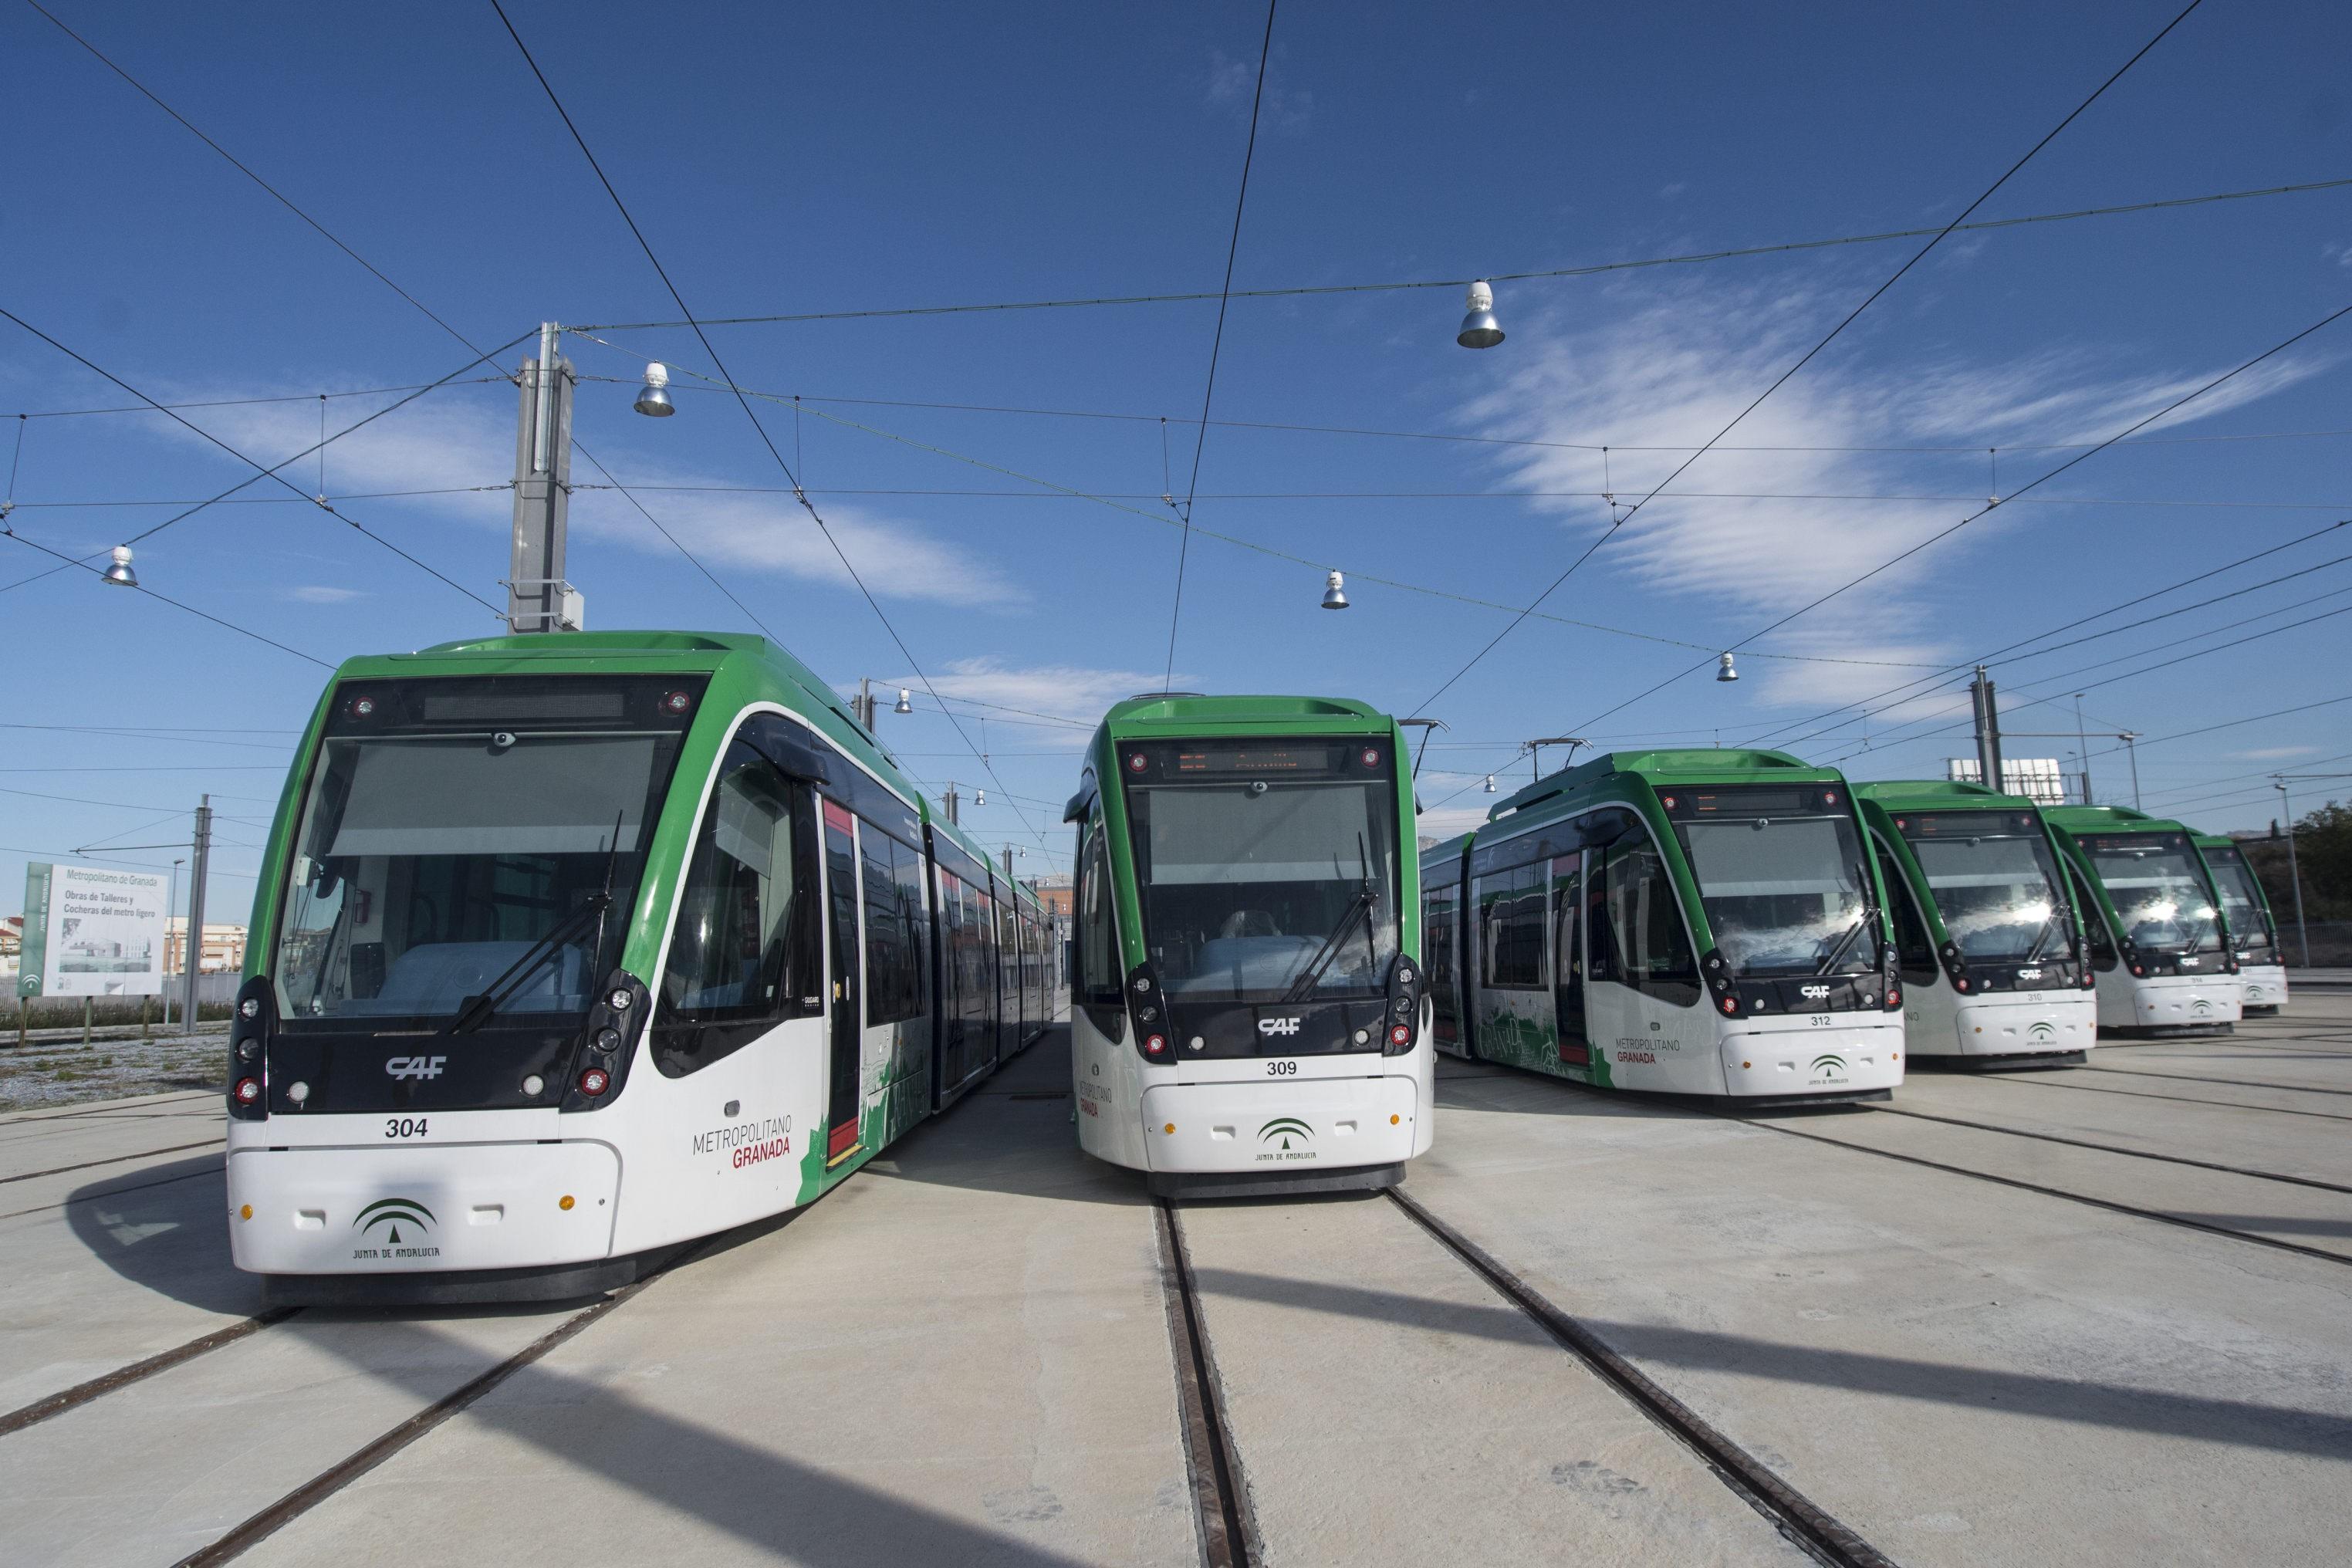 La flota de trenes ligeros est� compuesta por 15 unidades.